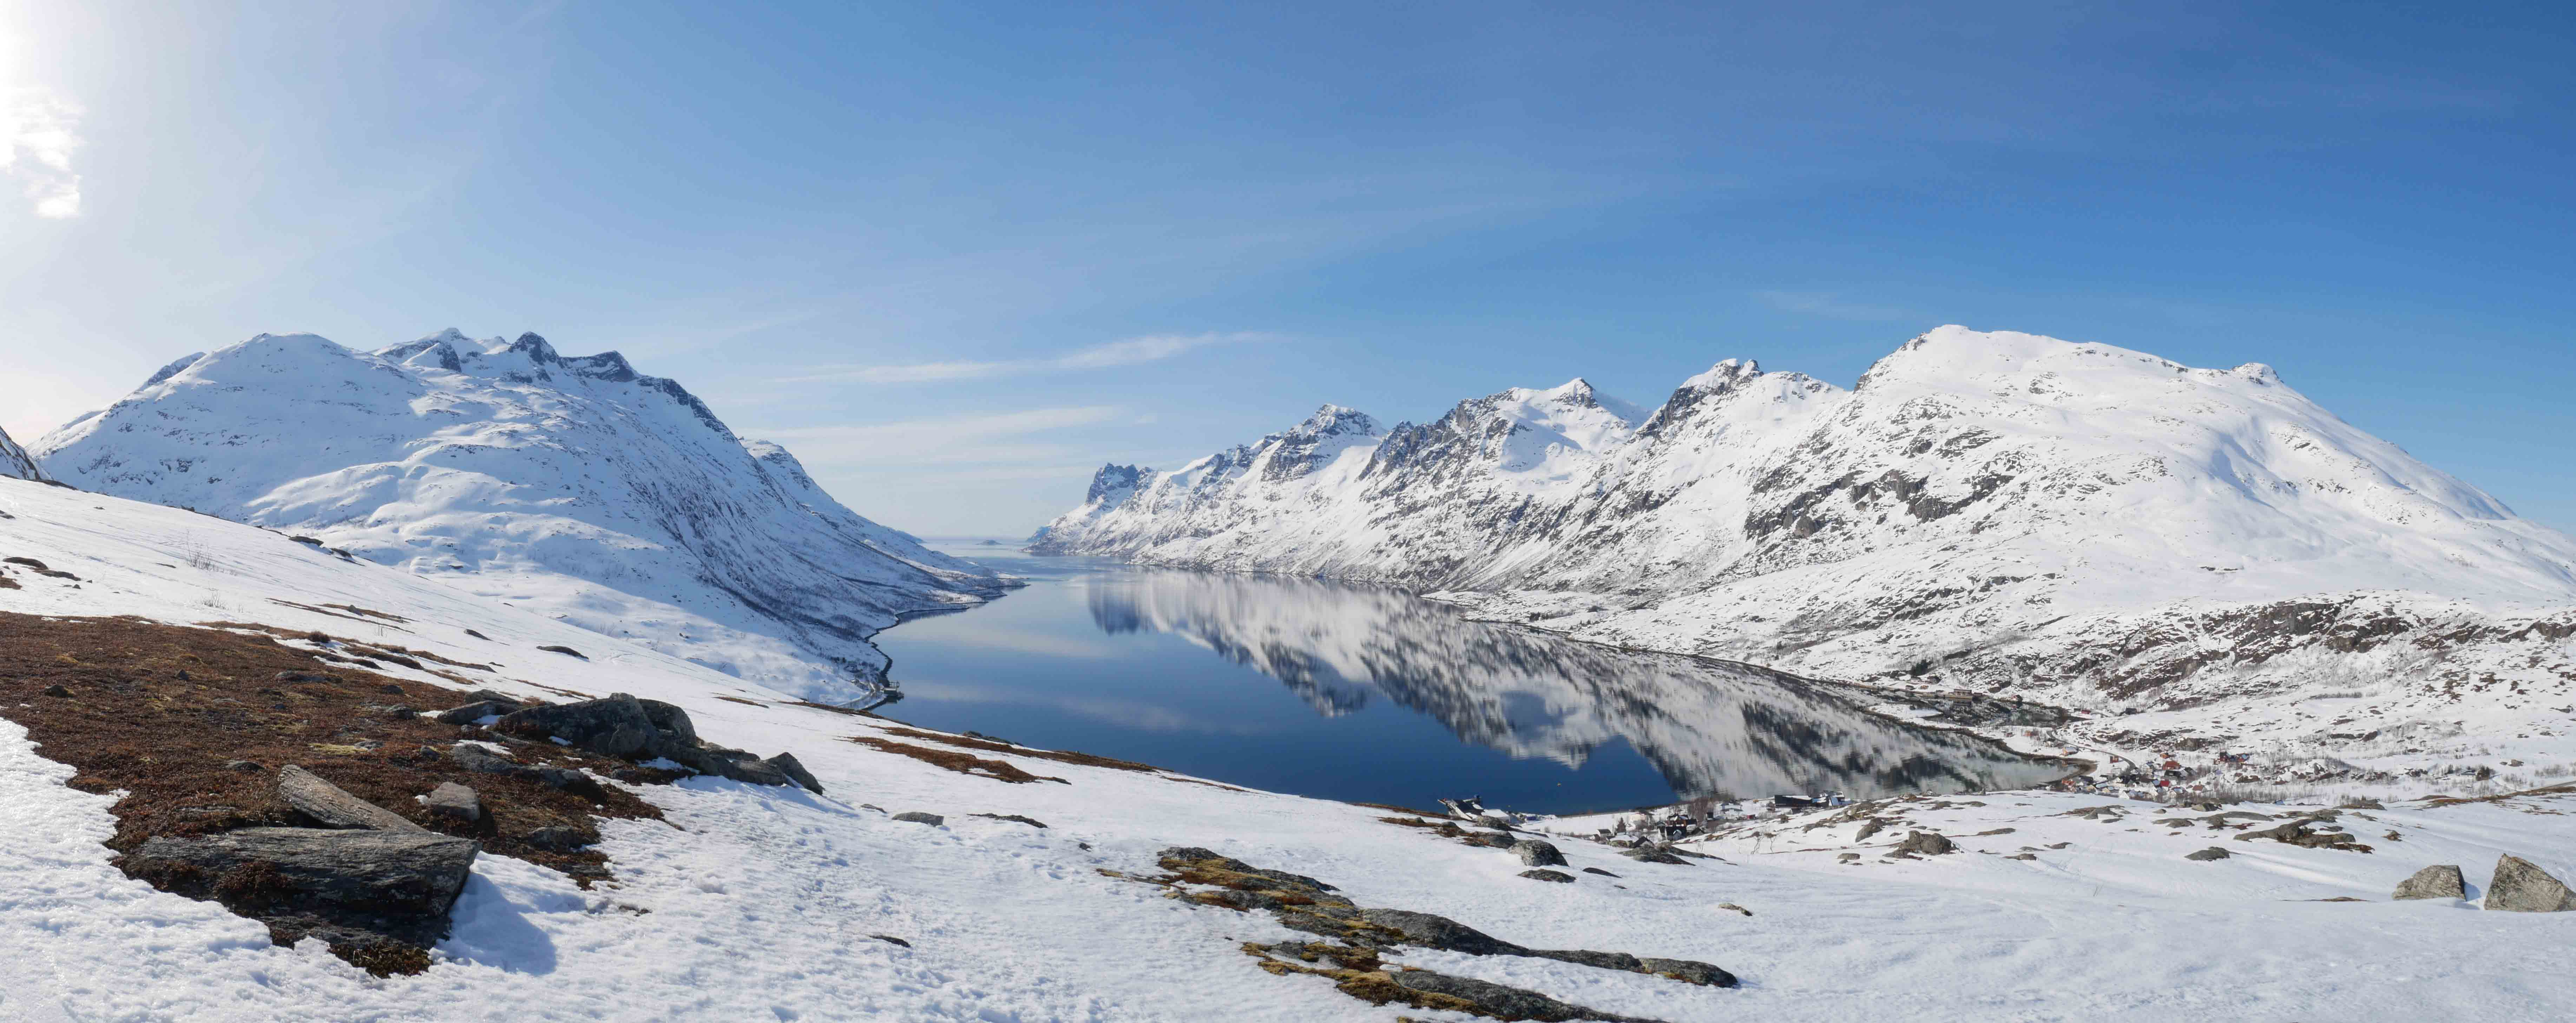 1 Panorama2 Bild SkittentindRando